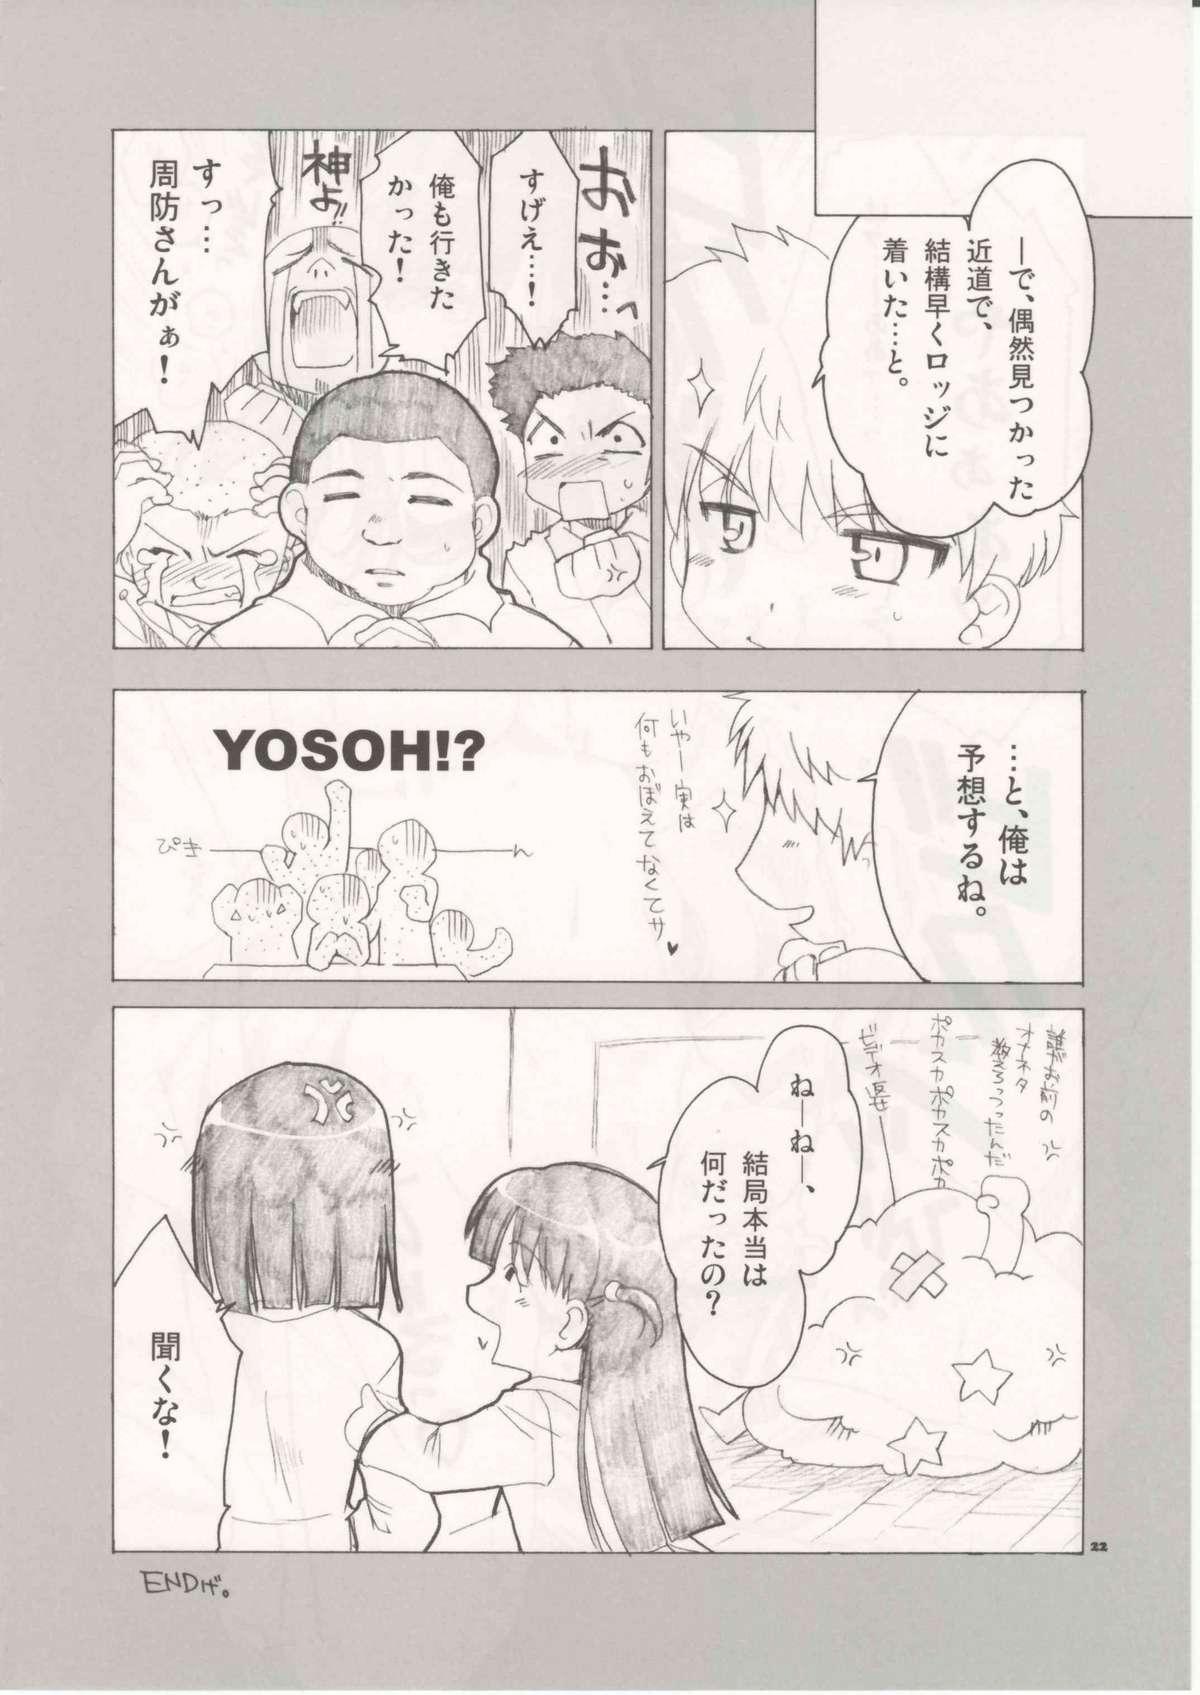 YOSOH! 20